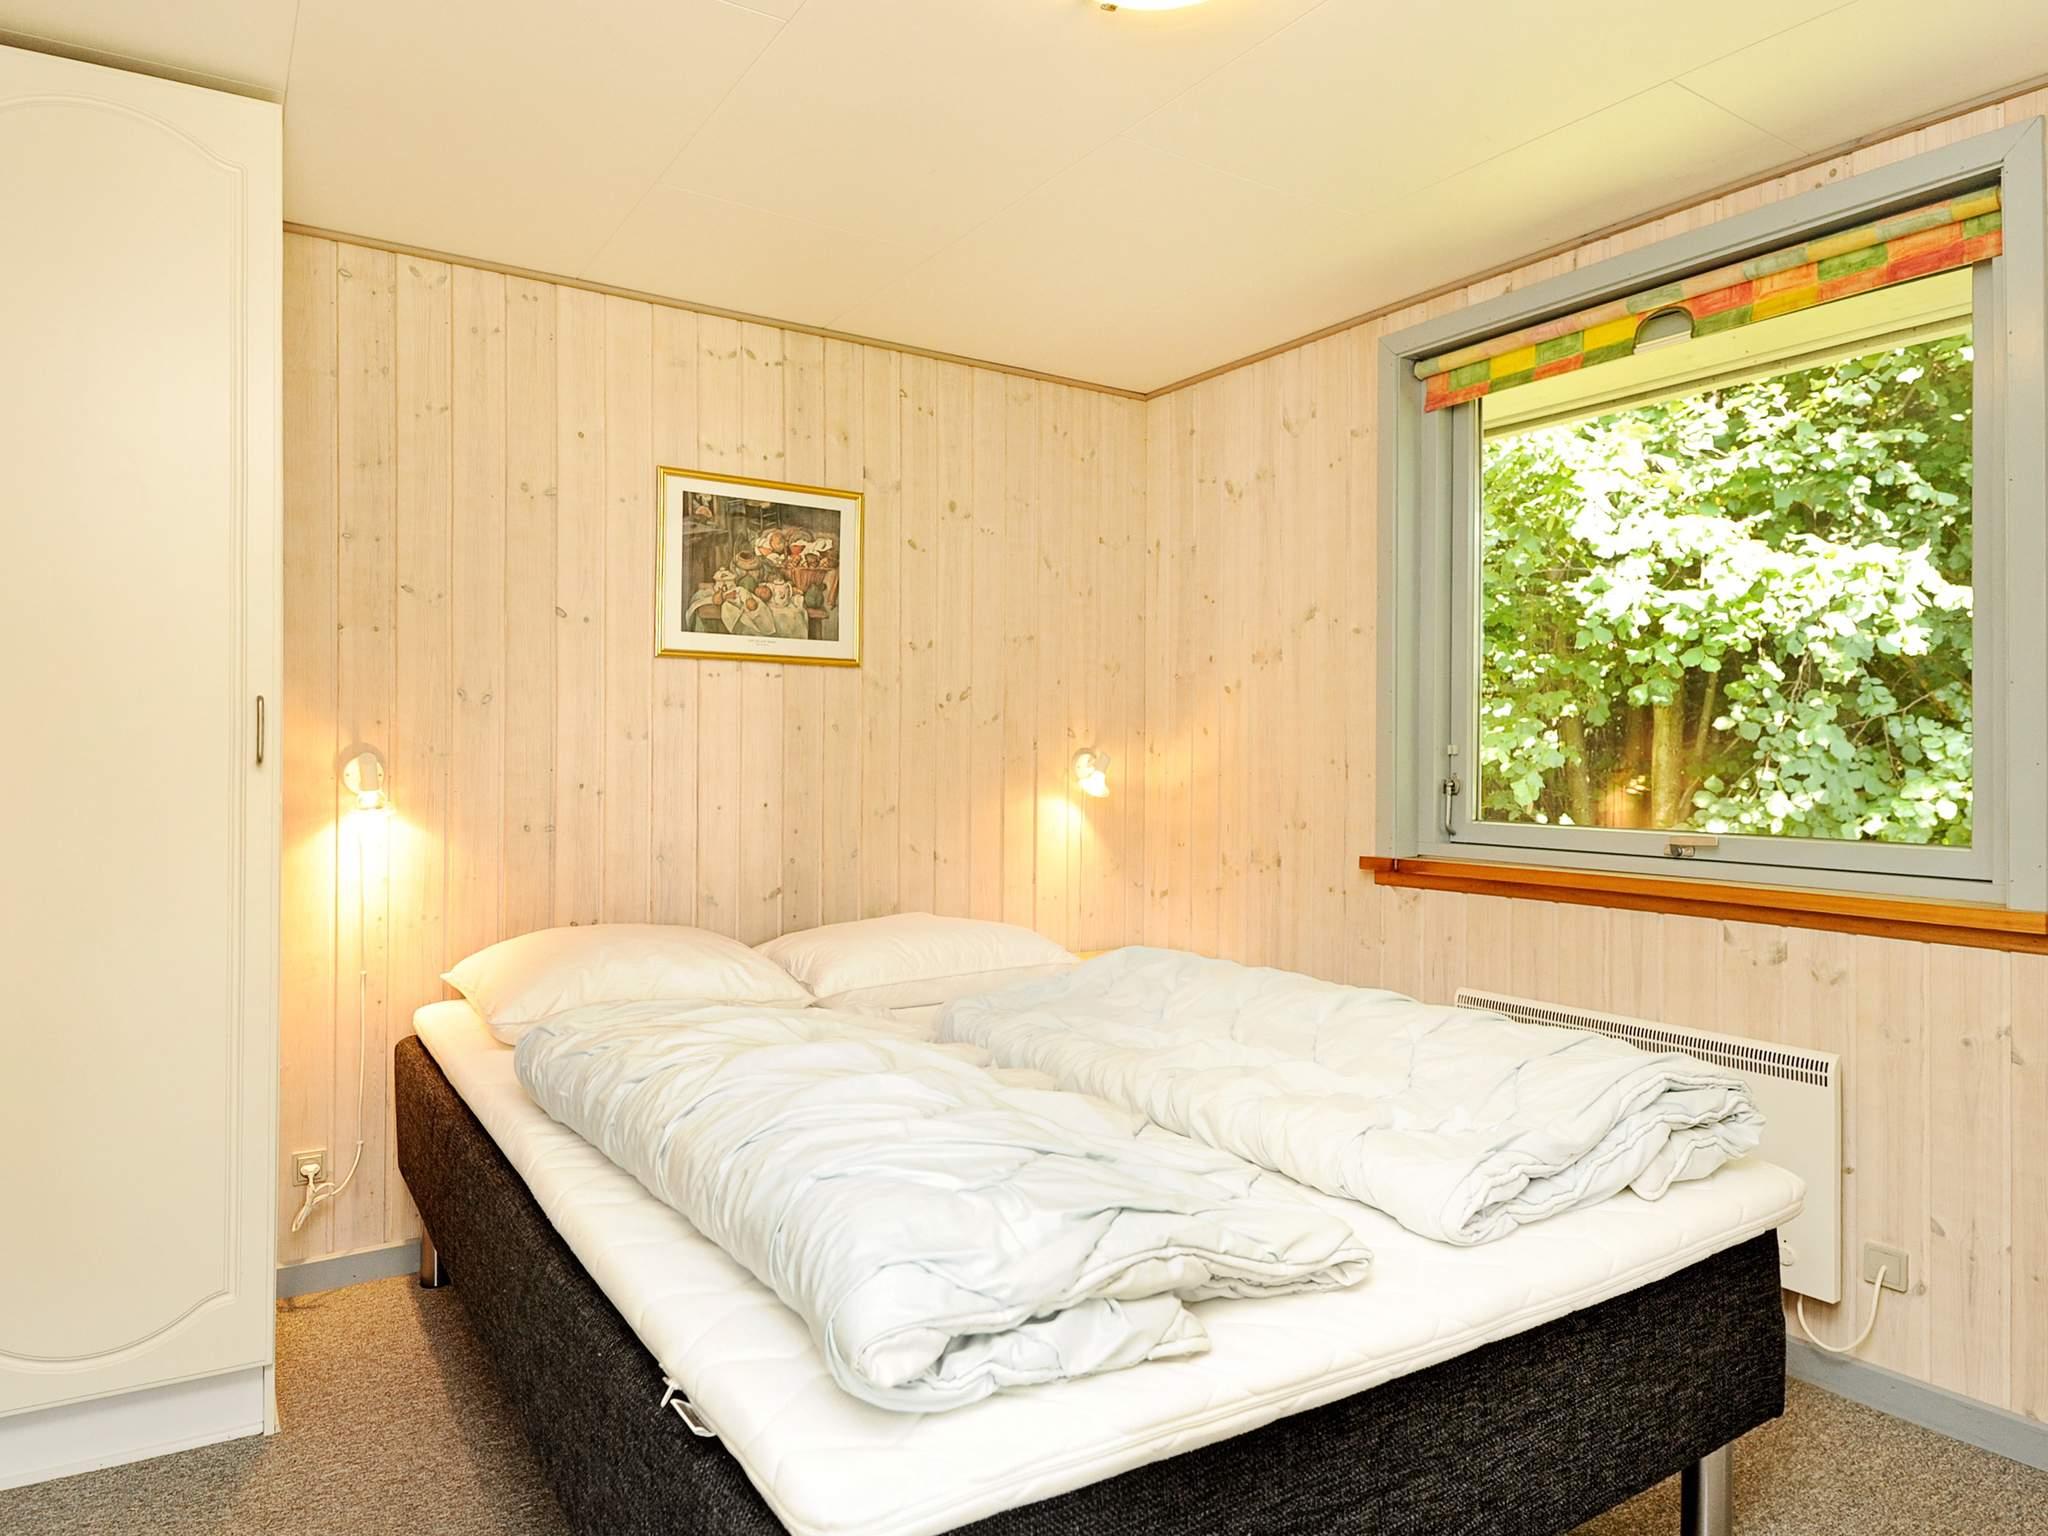 Ferienhaus Hvidbjerg (82128), Hvidbjerg, , Ostjütland, Dänemark, Bild 22